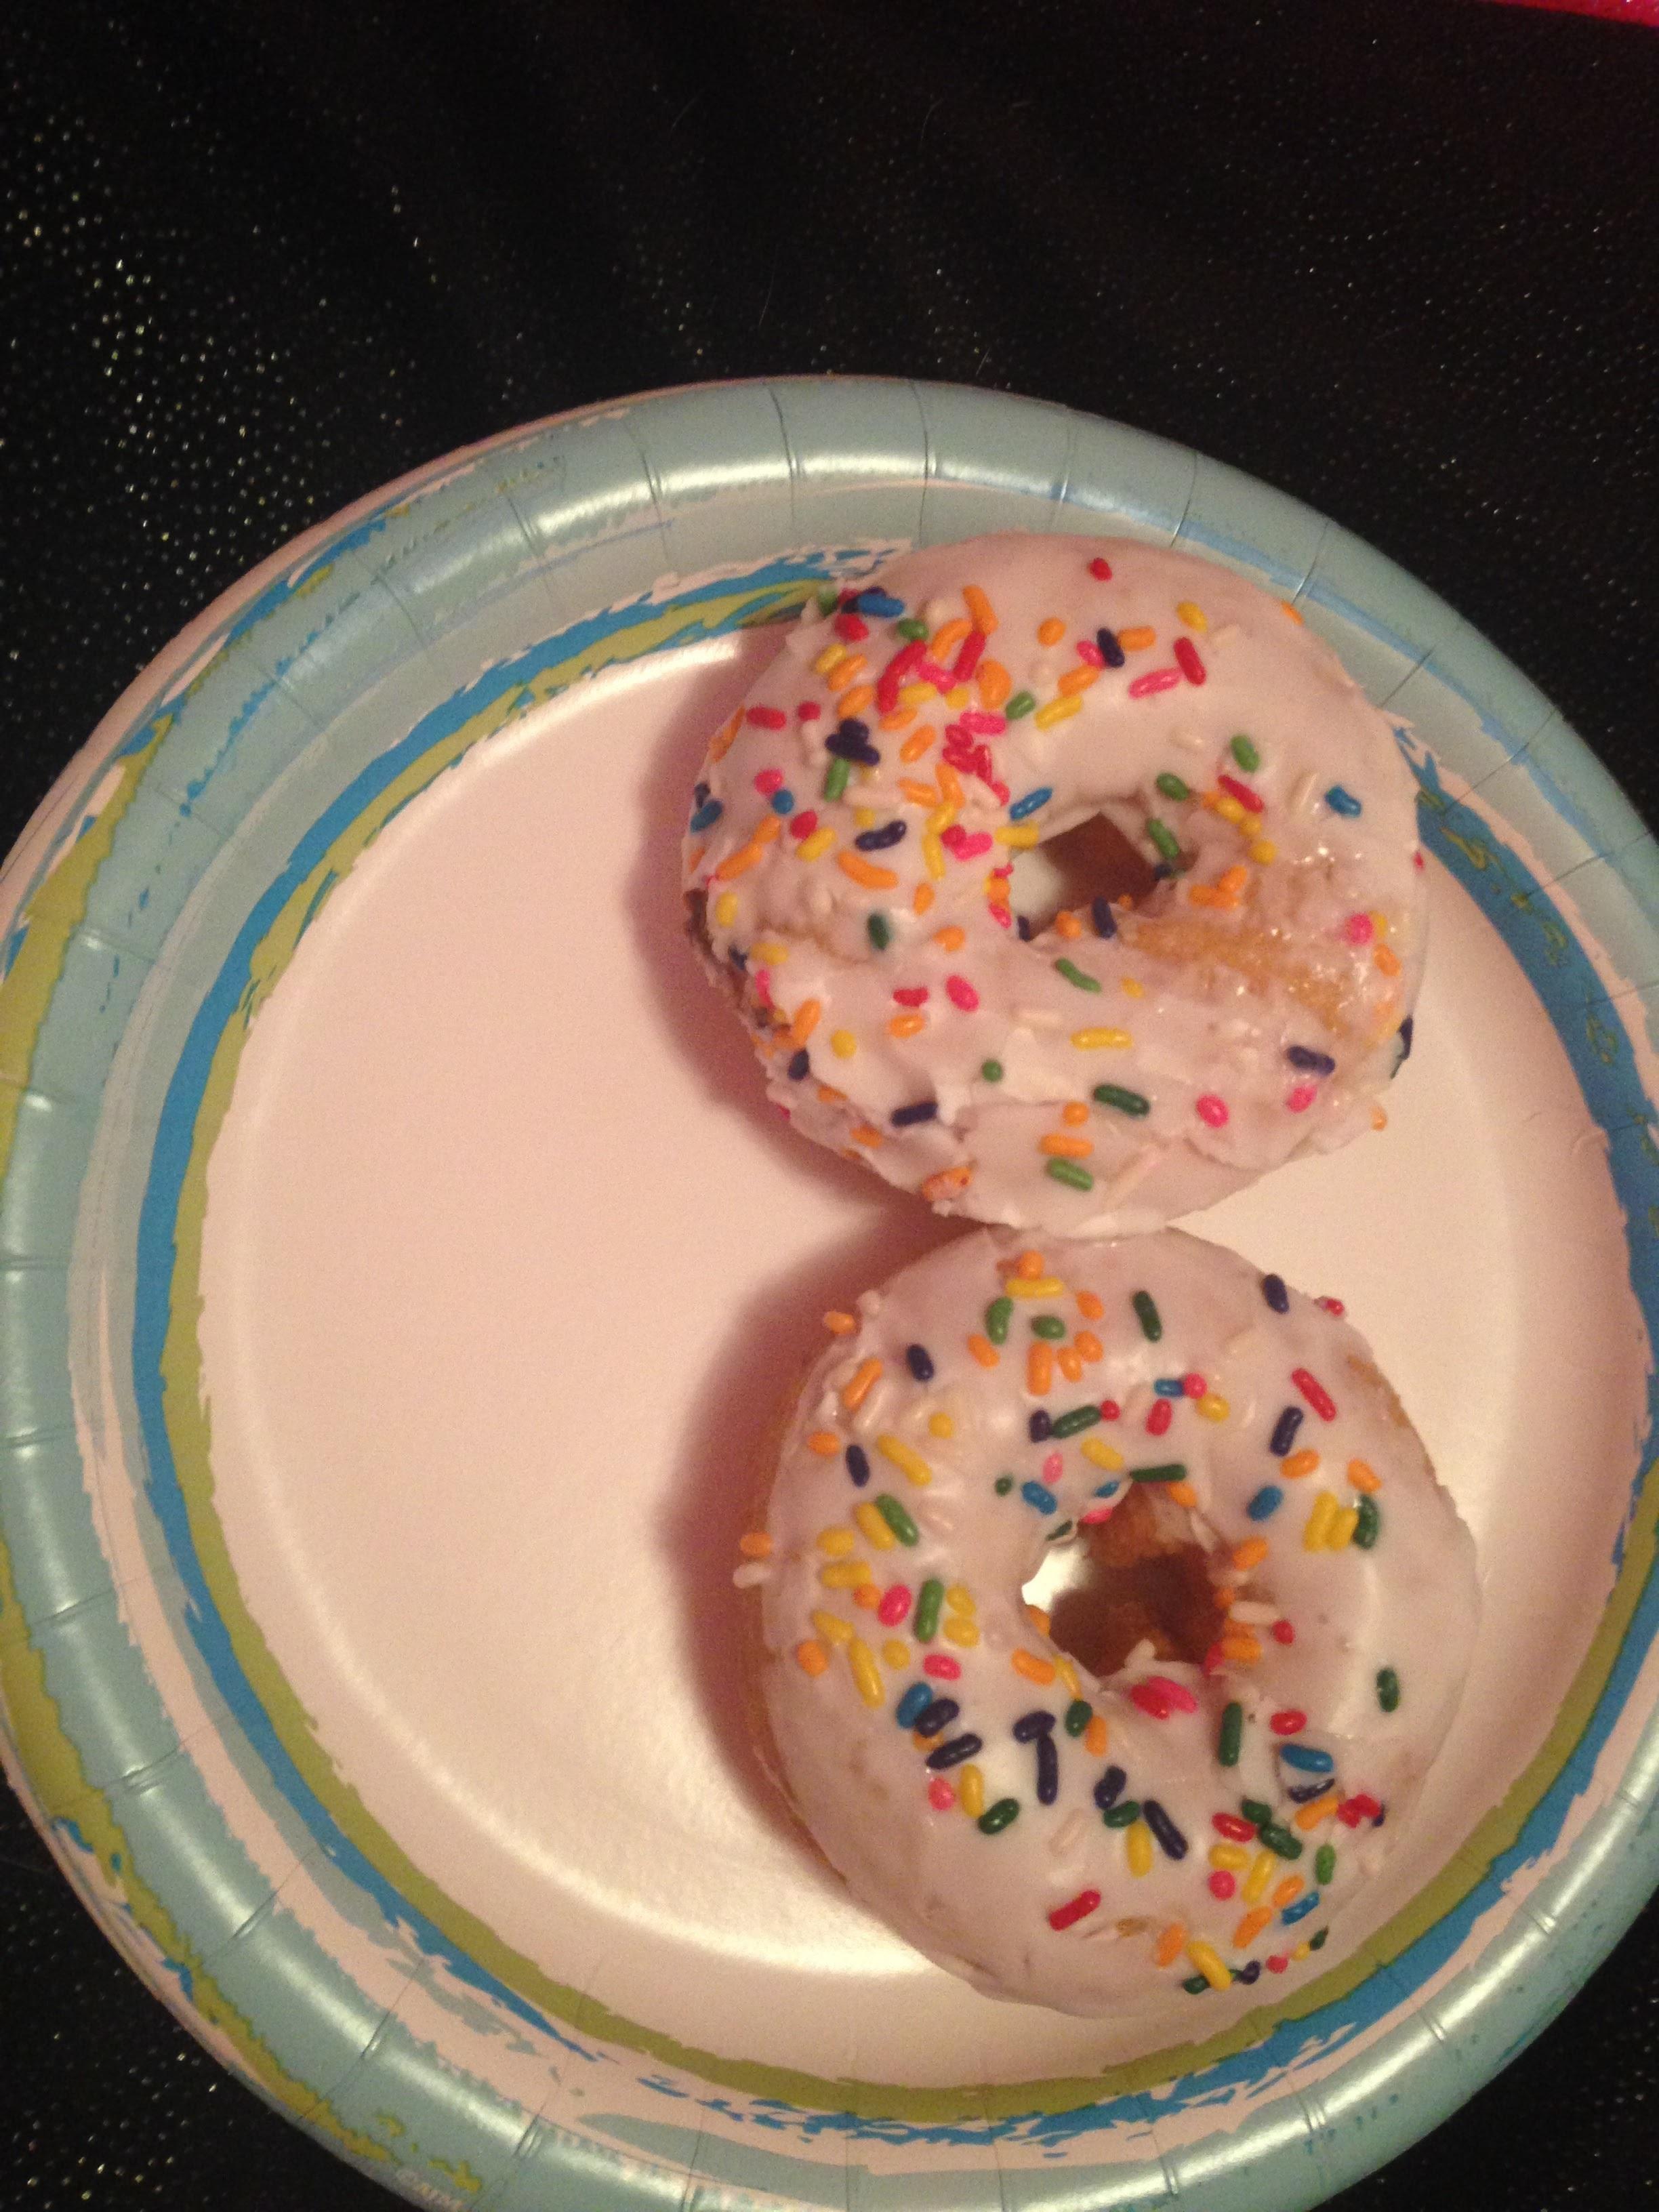 Donuts-and-Sprinkles.jpg